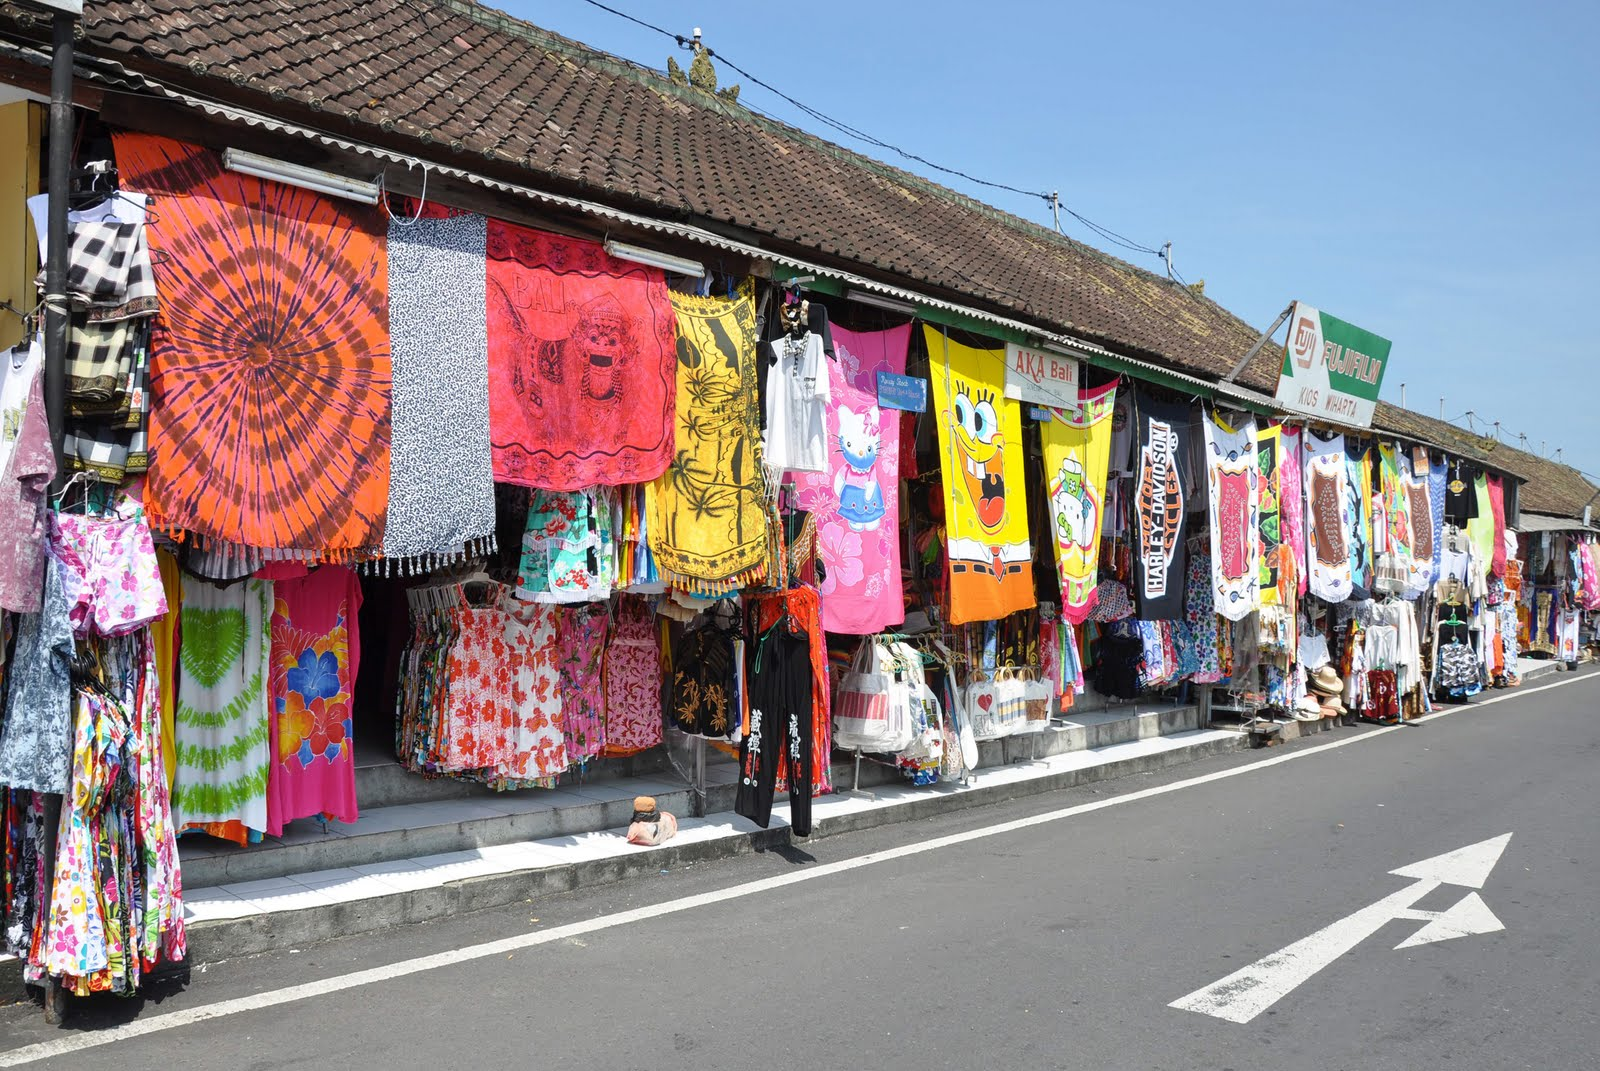 DSC_6084 Hanes Bali